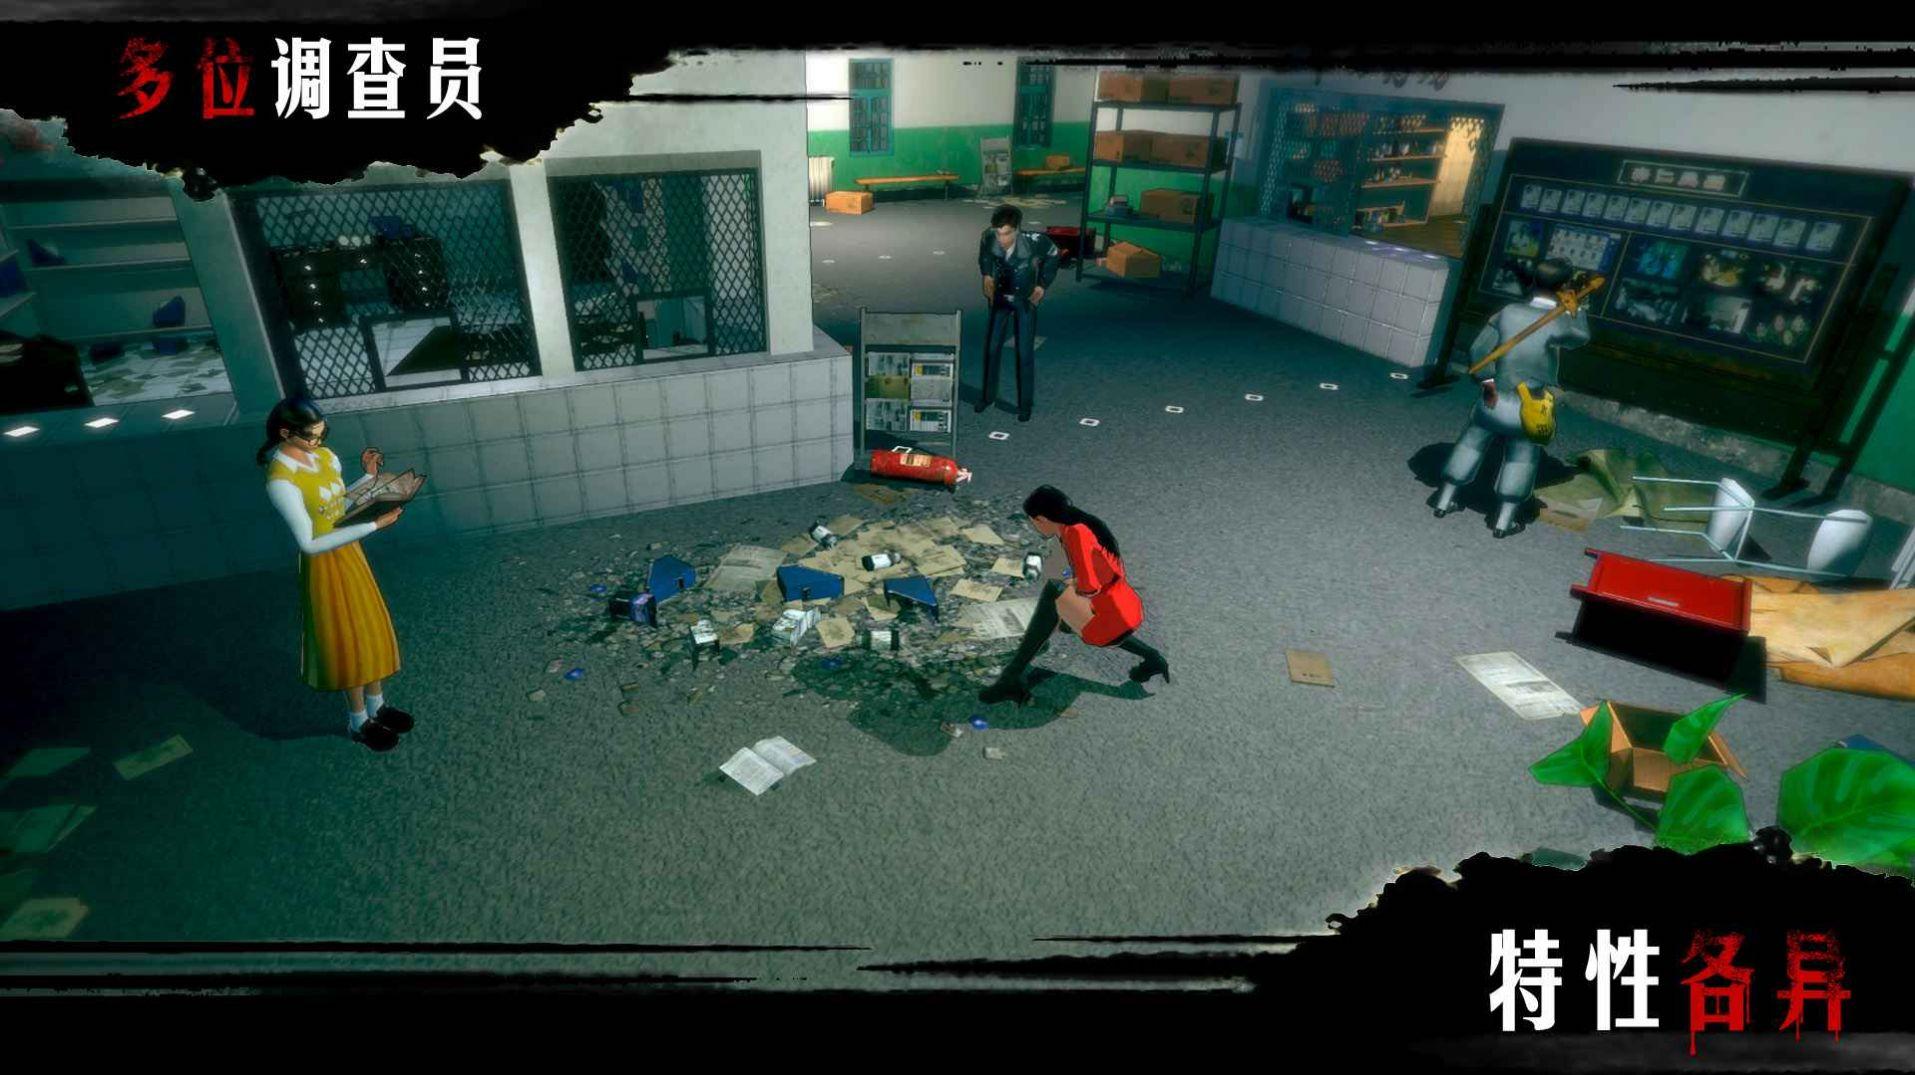 赏金侦探净业村剧组杀人案完整版图3